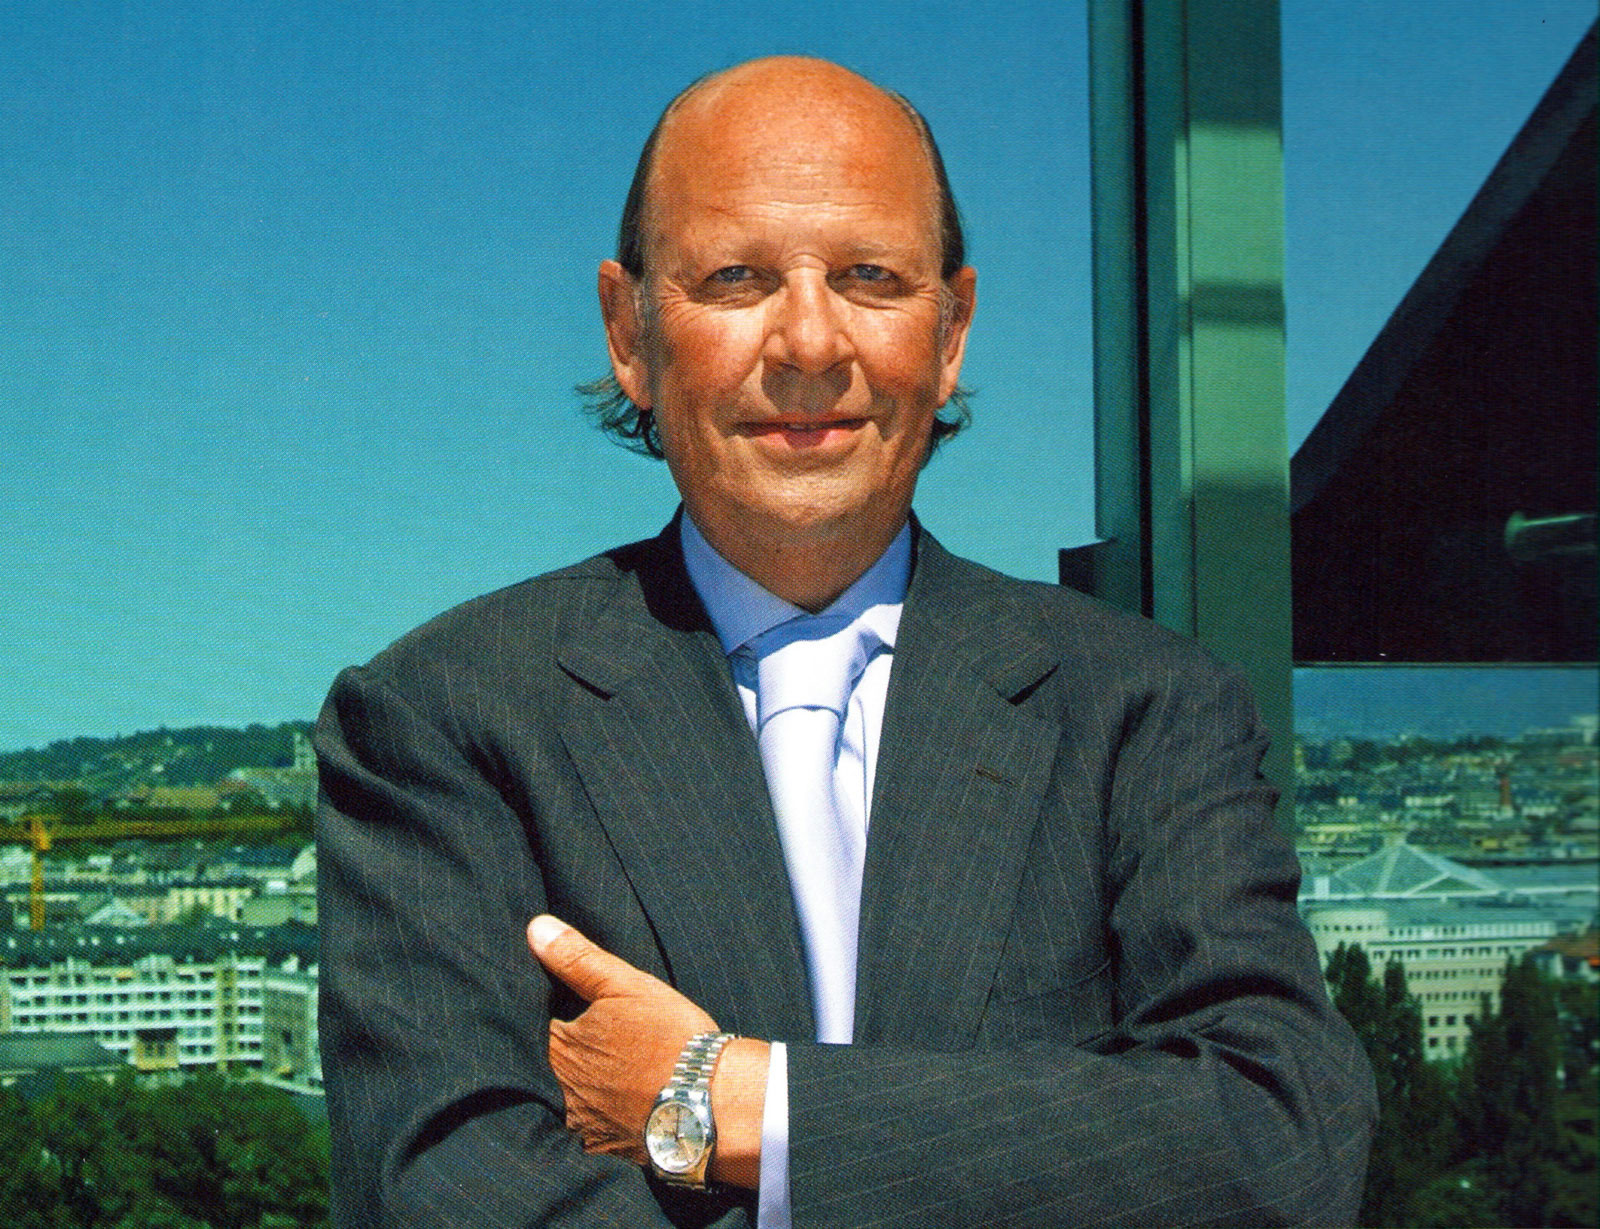 Patrick-Heiniger-Rolex